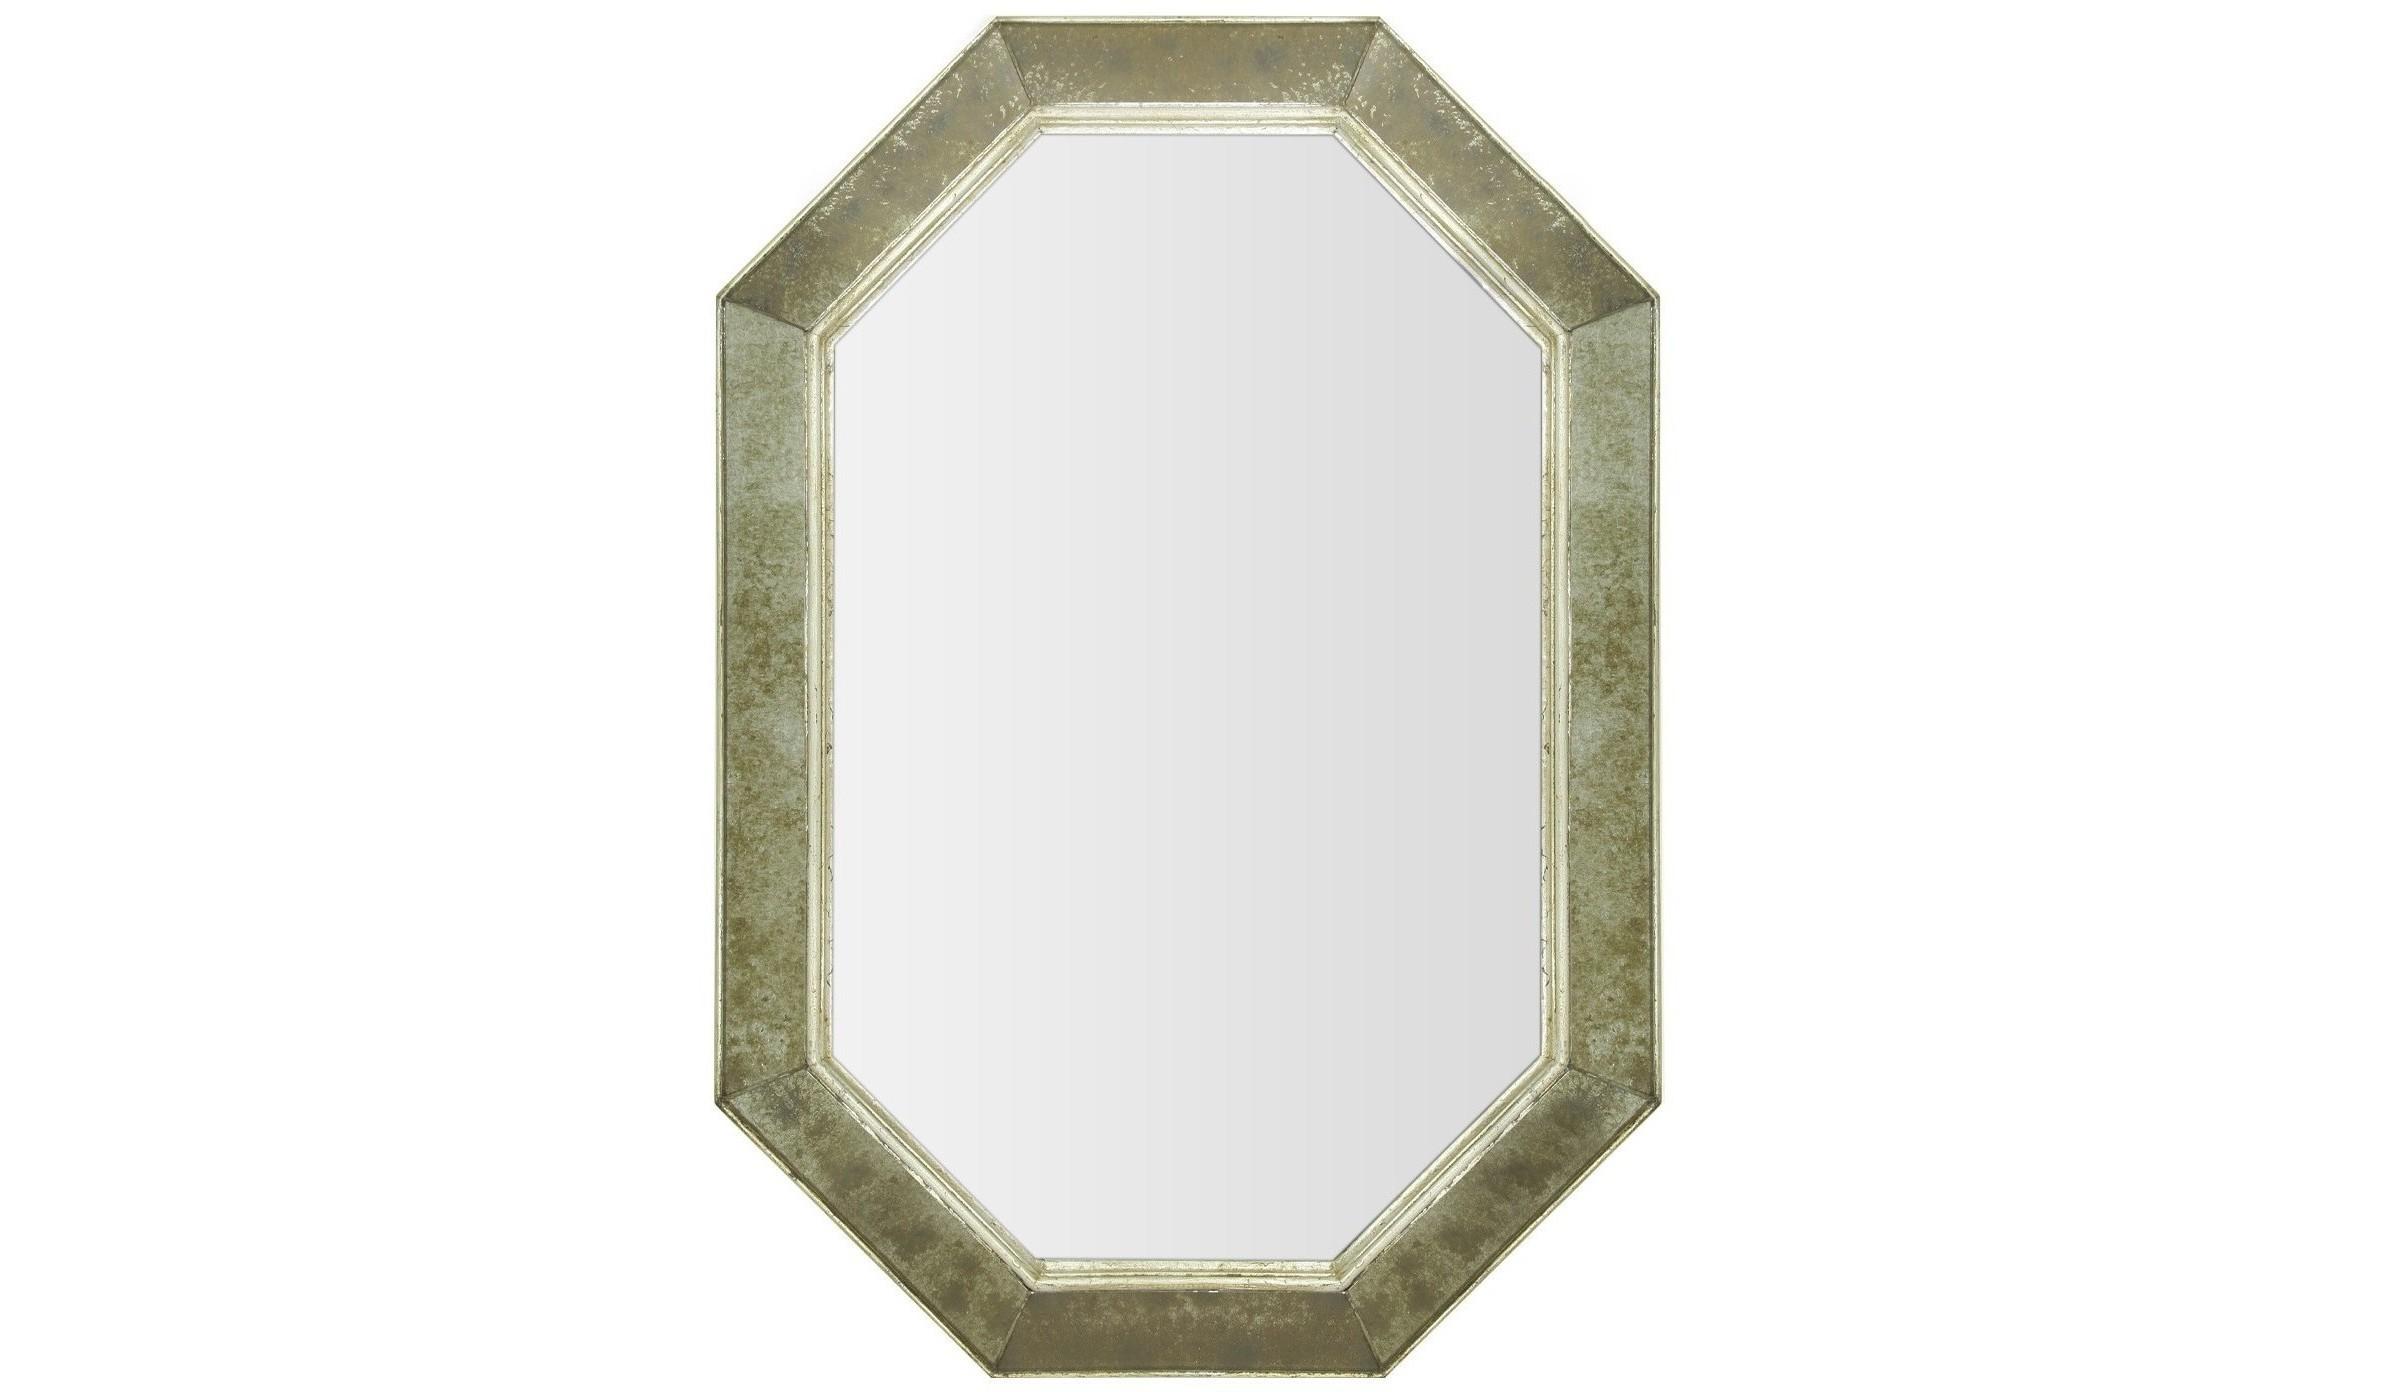 Зеркало ручной работы Жулиан (выгнуто наружу)Настенные зеркала<br>Эксклюзивное зеркало ручной работы выполнено в форме роскошного бриллианта. Над его созданием кропотливо трудились руки самых искусных мастеров. Благодаря гармоничному сочетанию классического и состаренного вручную зеркал, обыкновенный предмет интерьера превратился в настоящее произведение искусства. Оно идеально дополнит пространство прихожей, а также станет центральным элементом в оформлении гостиной или спальни хозяев дома.&amp;amp;nbsp;&amp;lt;div&amp;gt;&amp;lt;br&amp;gt;&amp;lt;/div&amp;gt;&amp;lt;div&amp;gt;Материалы: основа - массив дерева; рама - натуральное дерево, состаренное зеркало серебряной амальгамы; зеркальное полотно - классическое зеркало серебряной амальгамы&amp;lt;/div&amp;gt;<br><br>Material: Дерево<br>Ширина см: 59<br>Высота см: 85<br>Глубина см: 4